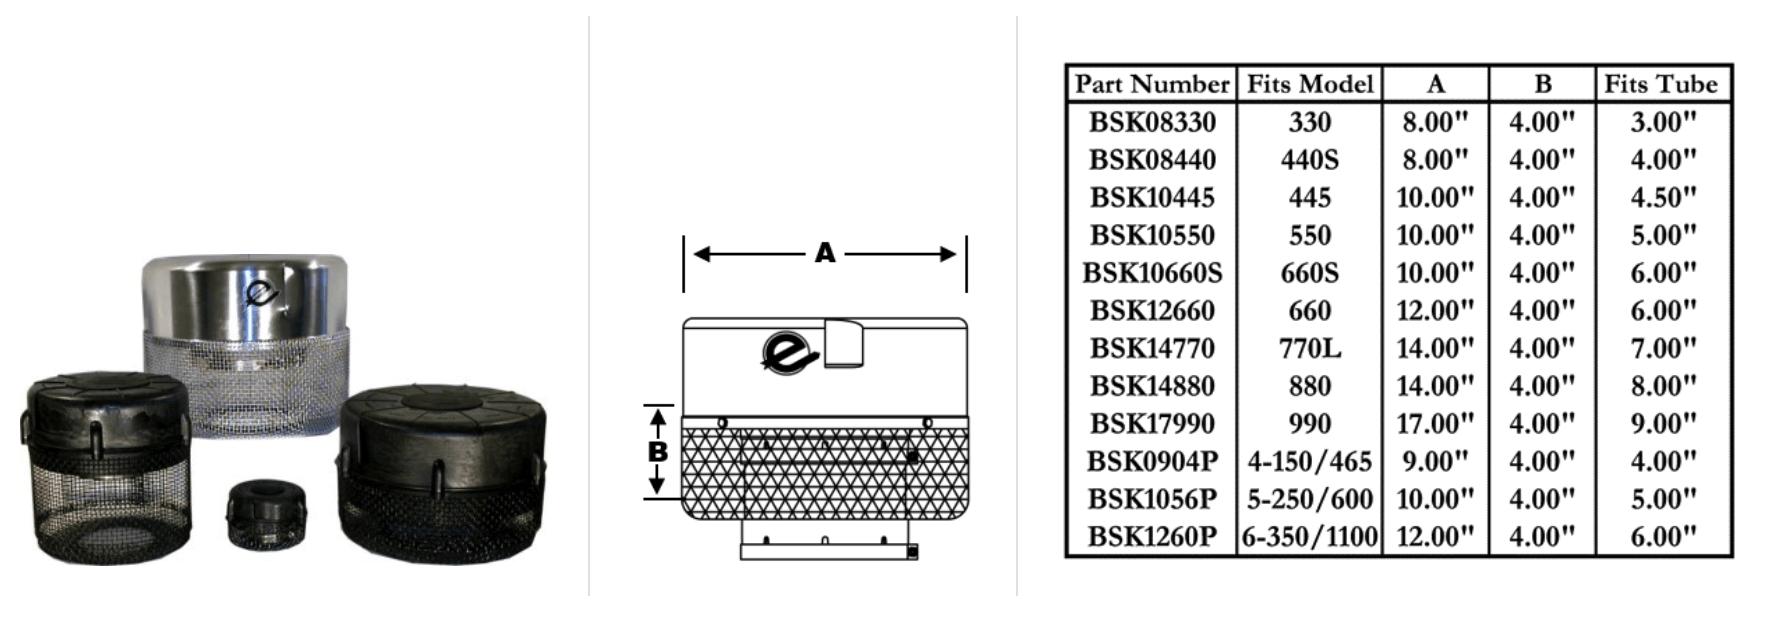 Precleaner screens.